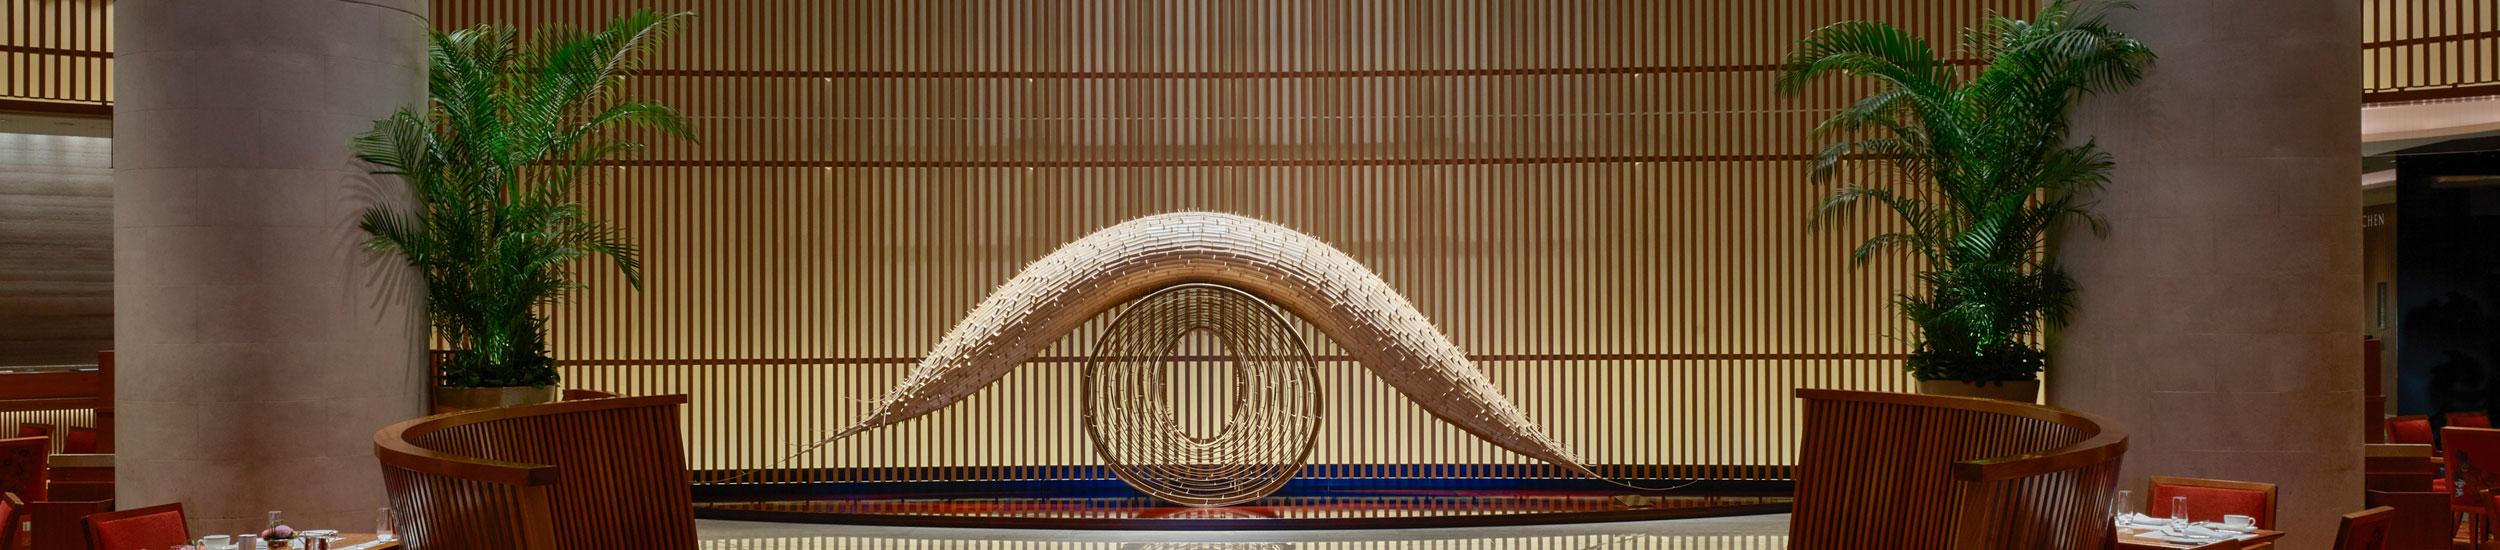 Japanese lobby